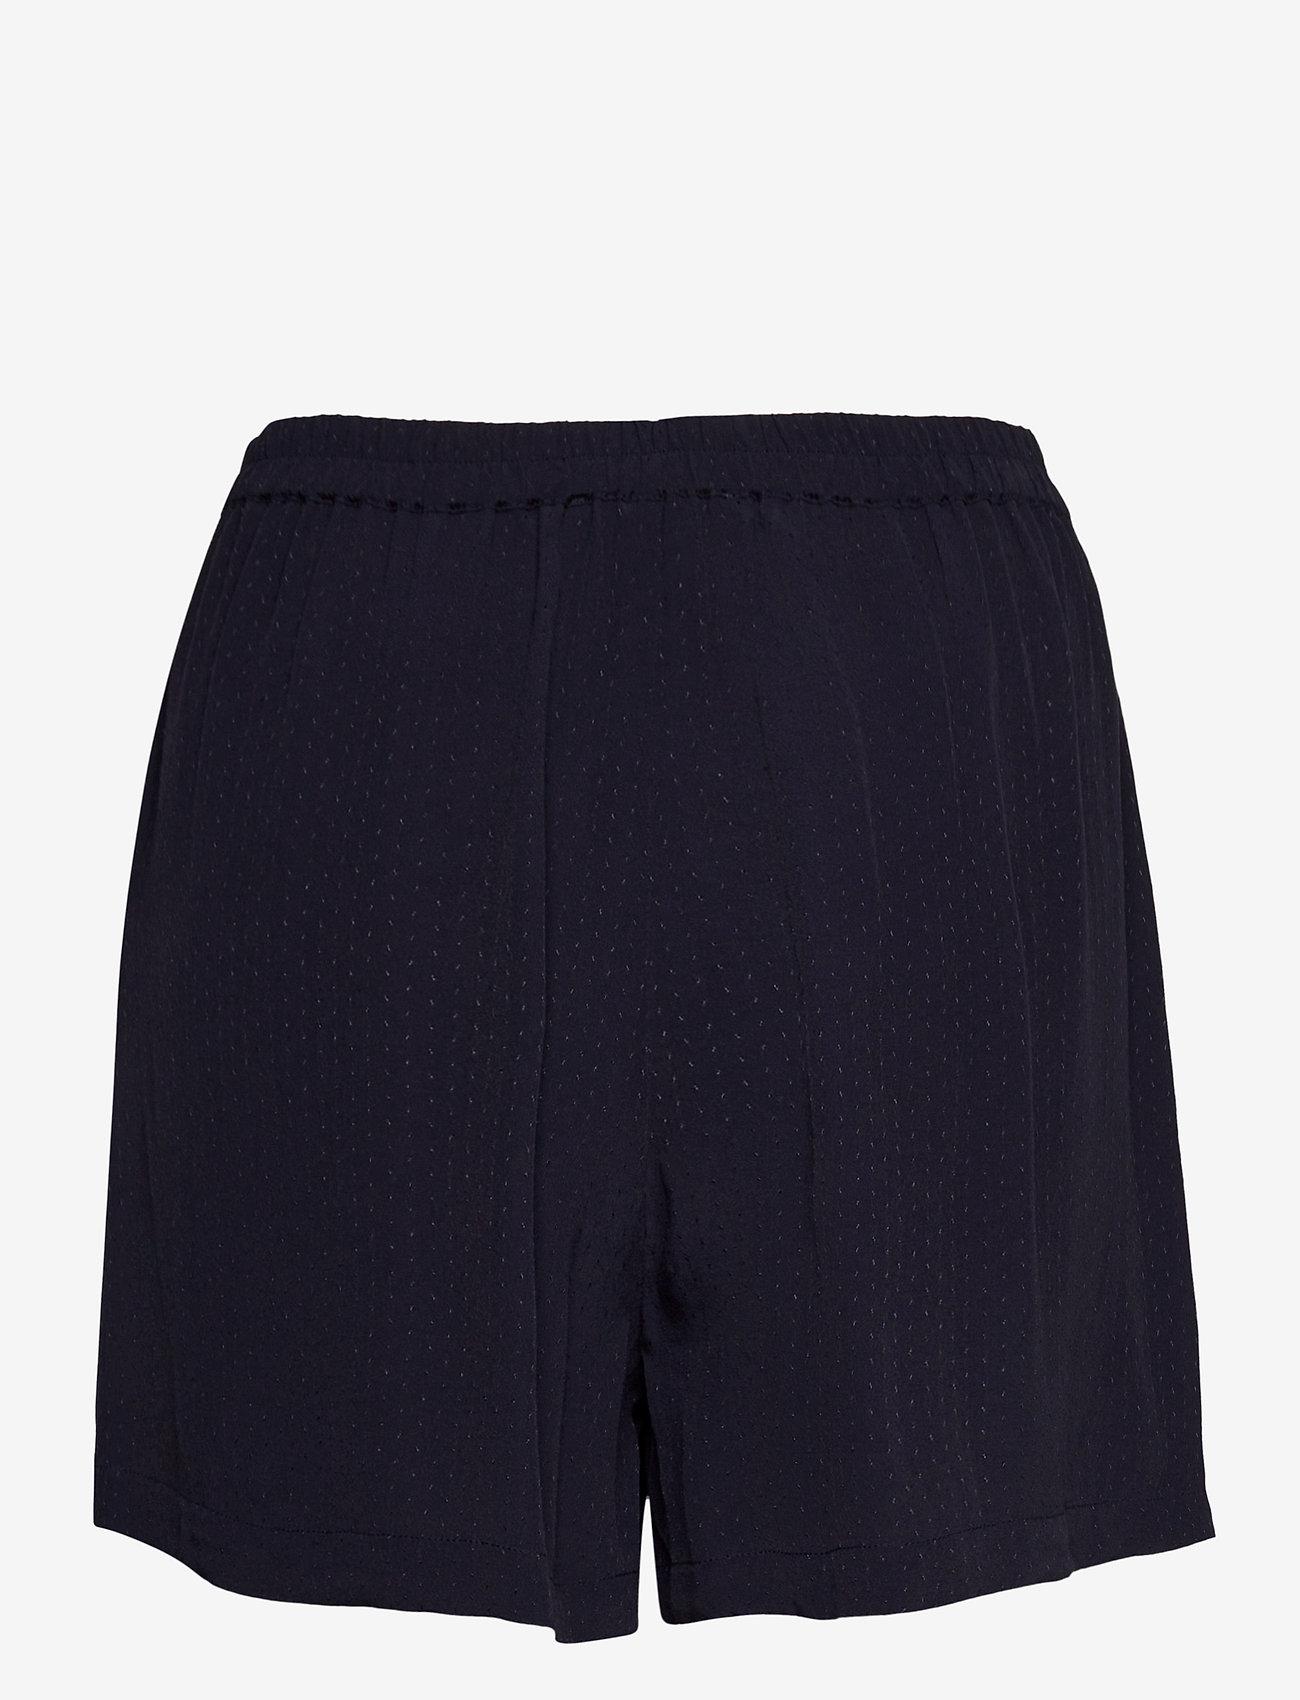 Samsøe Samsøe - Ganda shorts 10458 - shorts casual - night sky - 1